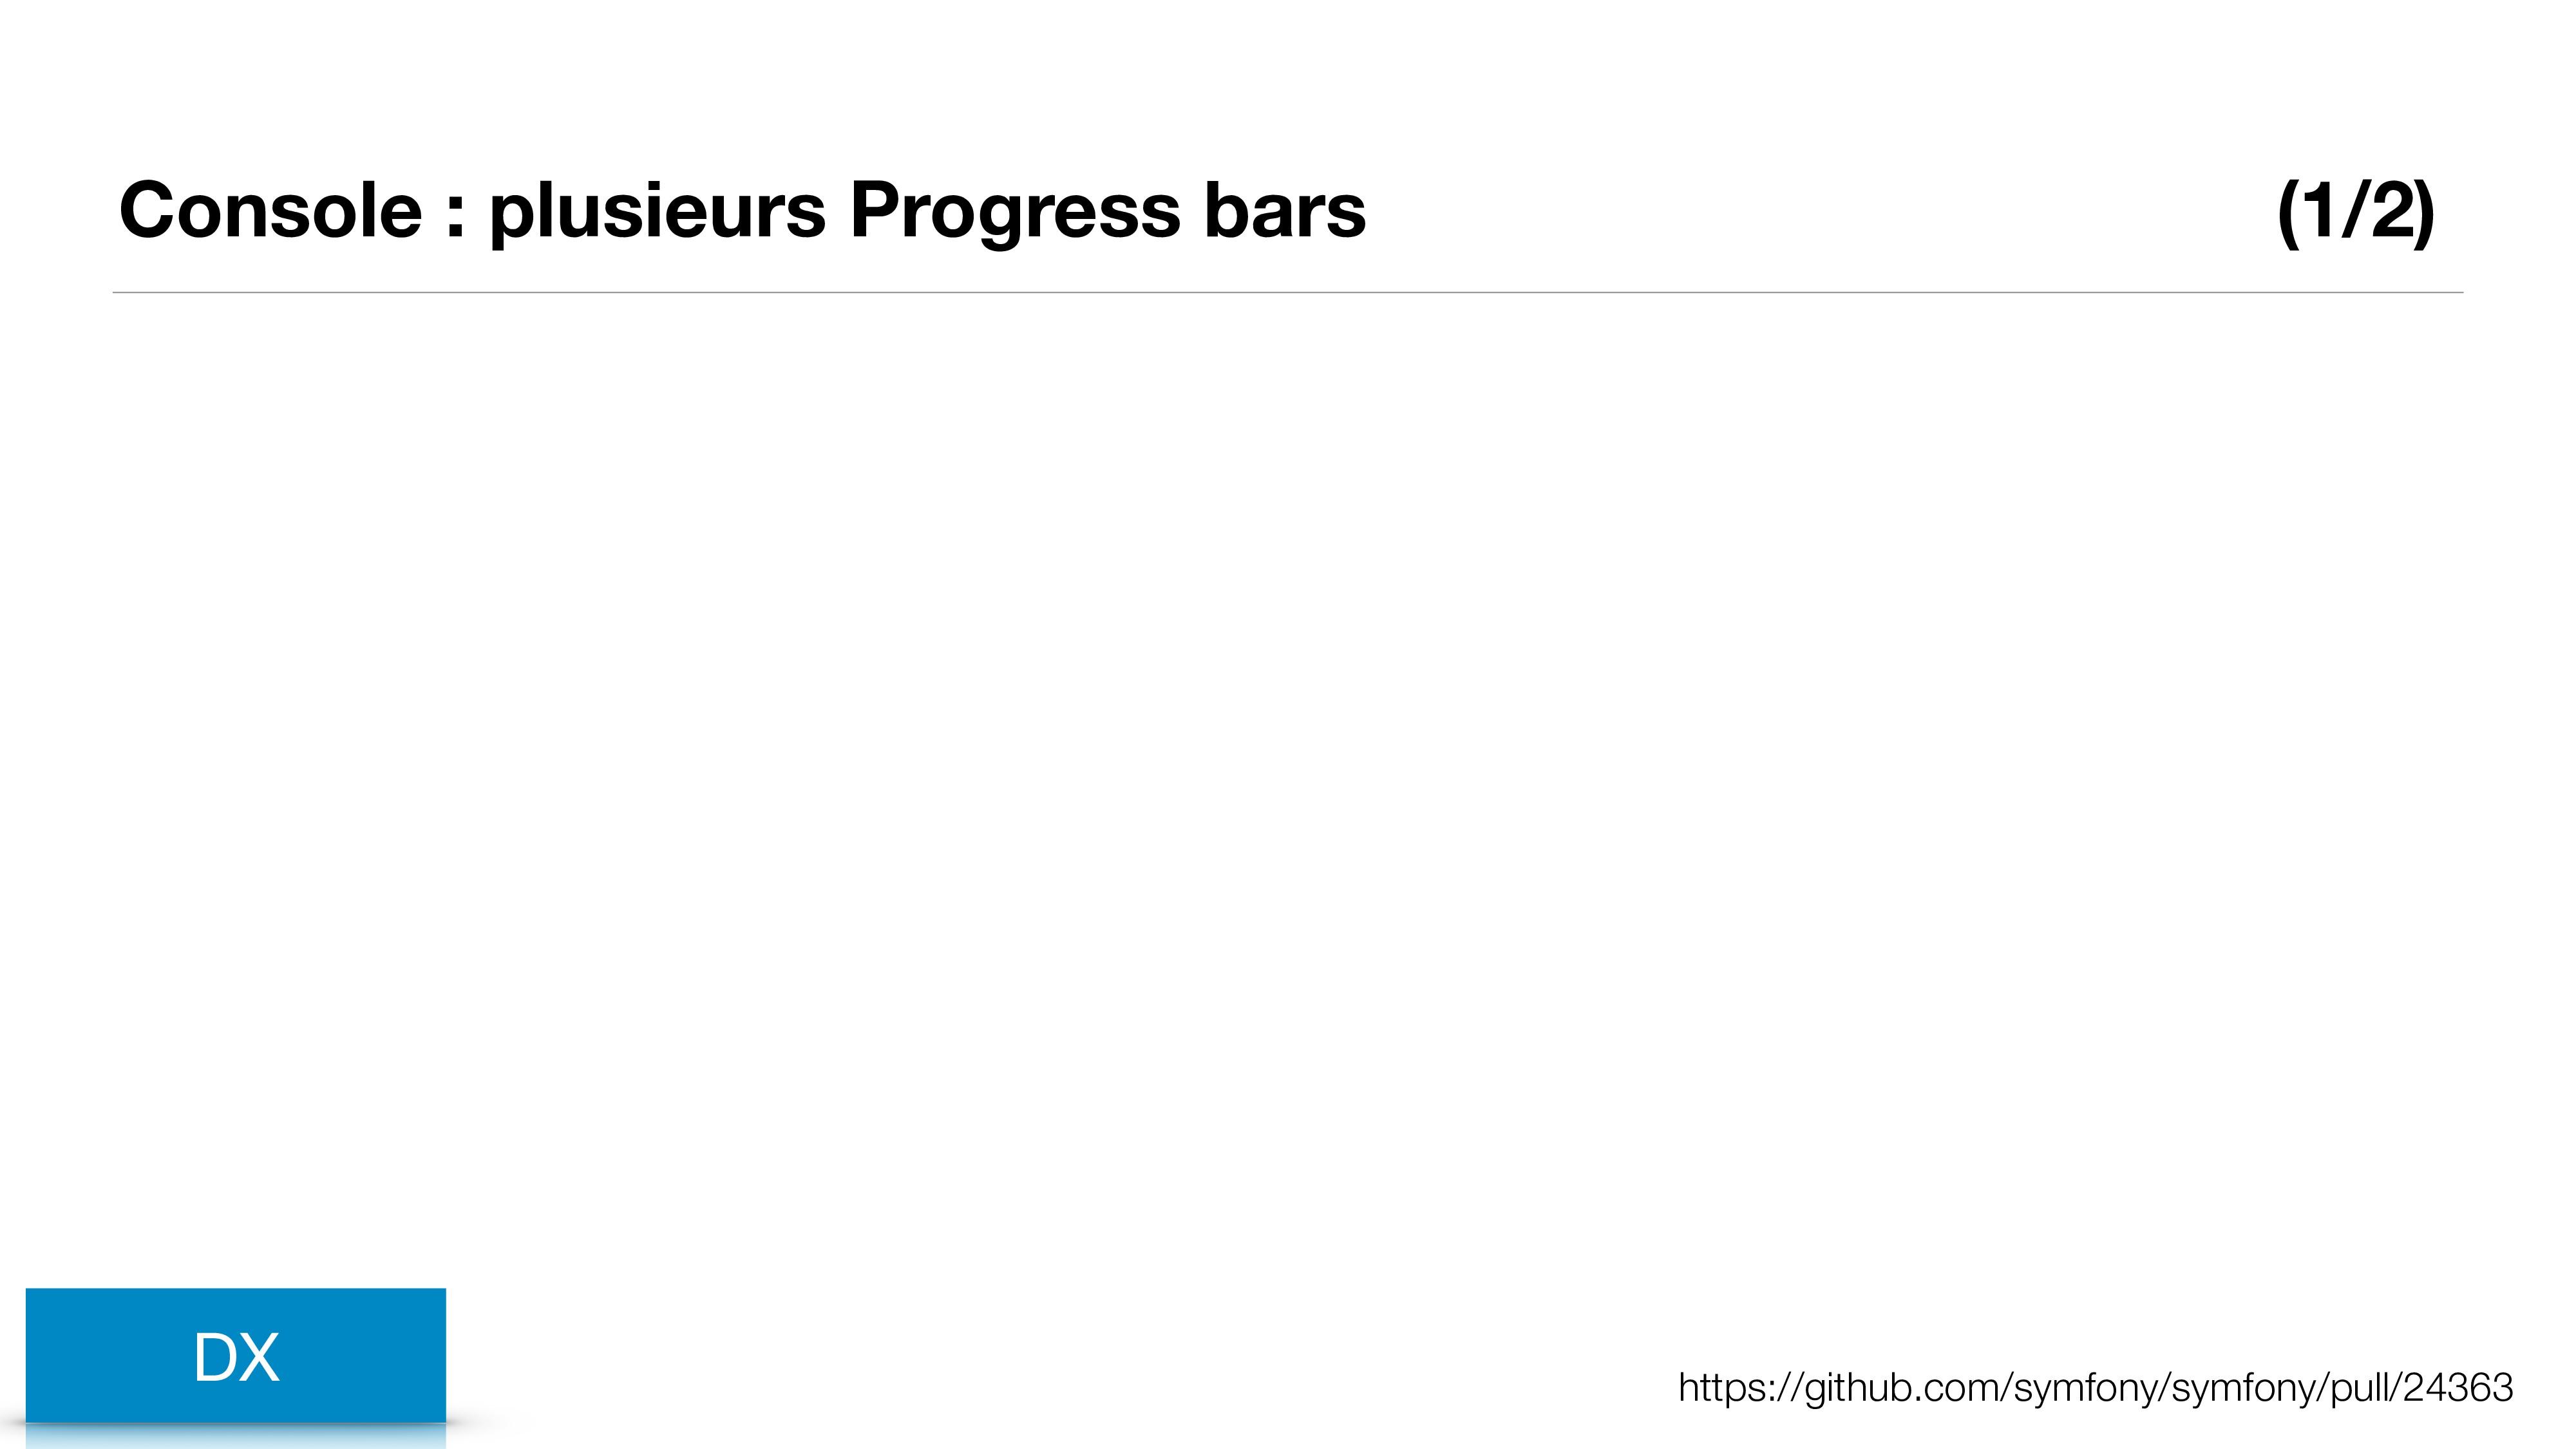 Console : plusieurs Progress bars (1/2) DX http...